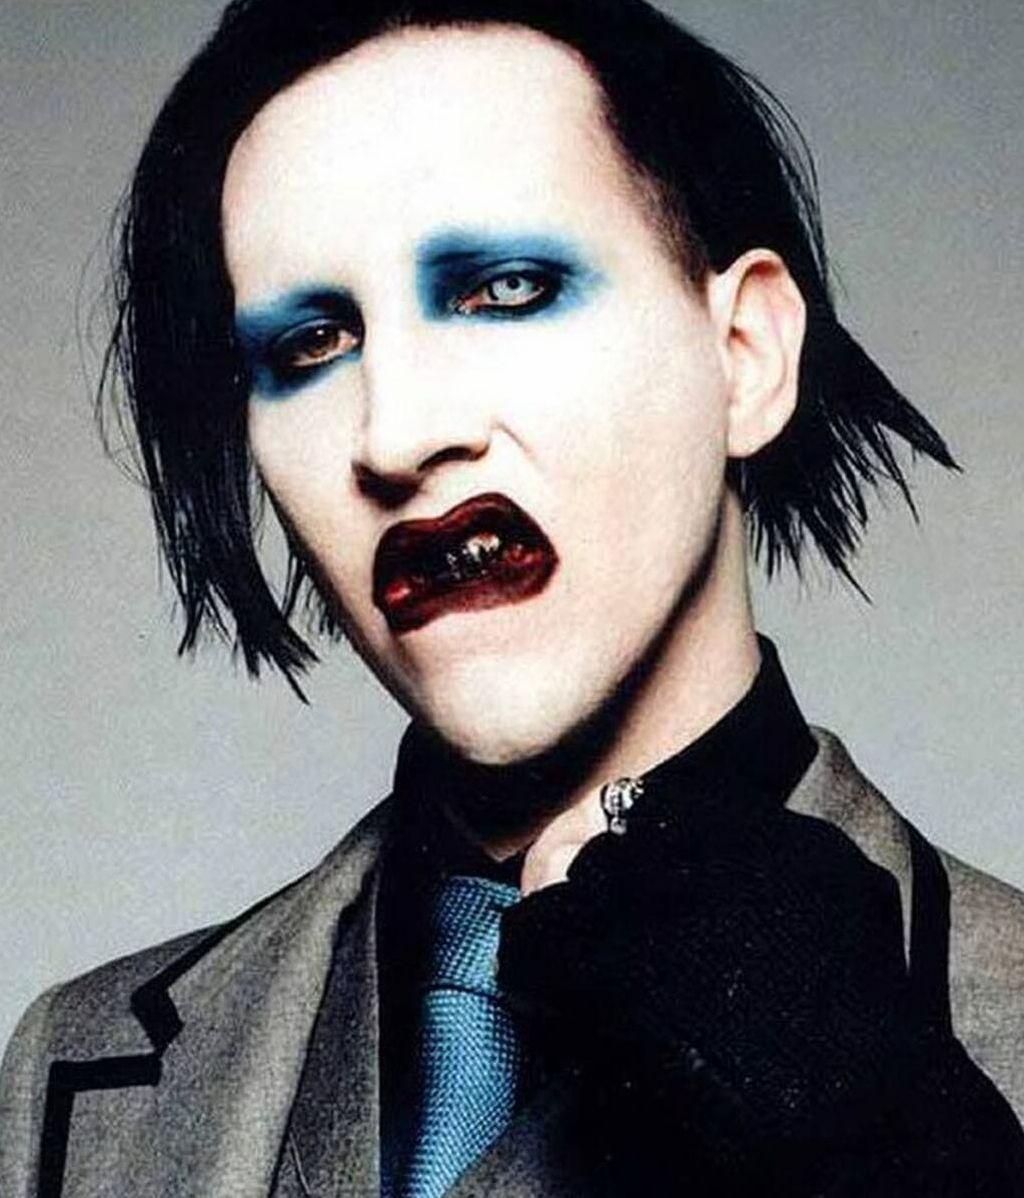 Marilyn-Manson